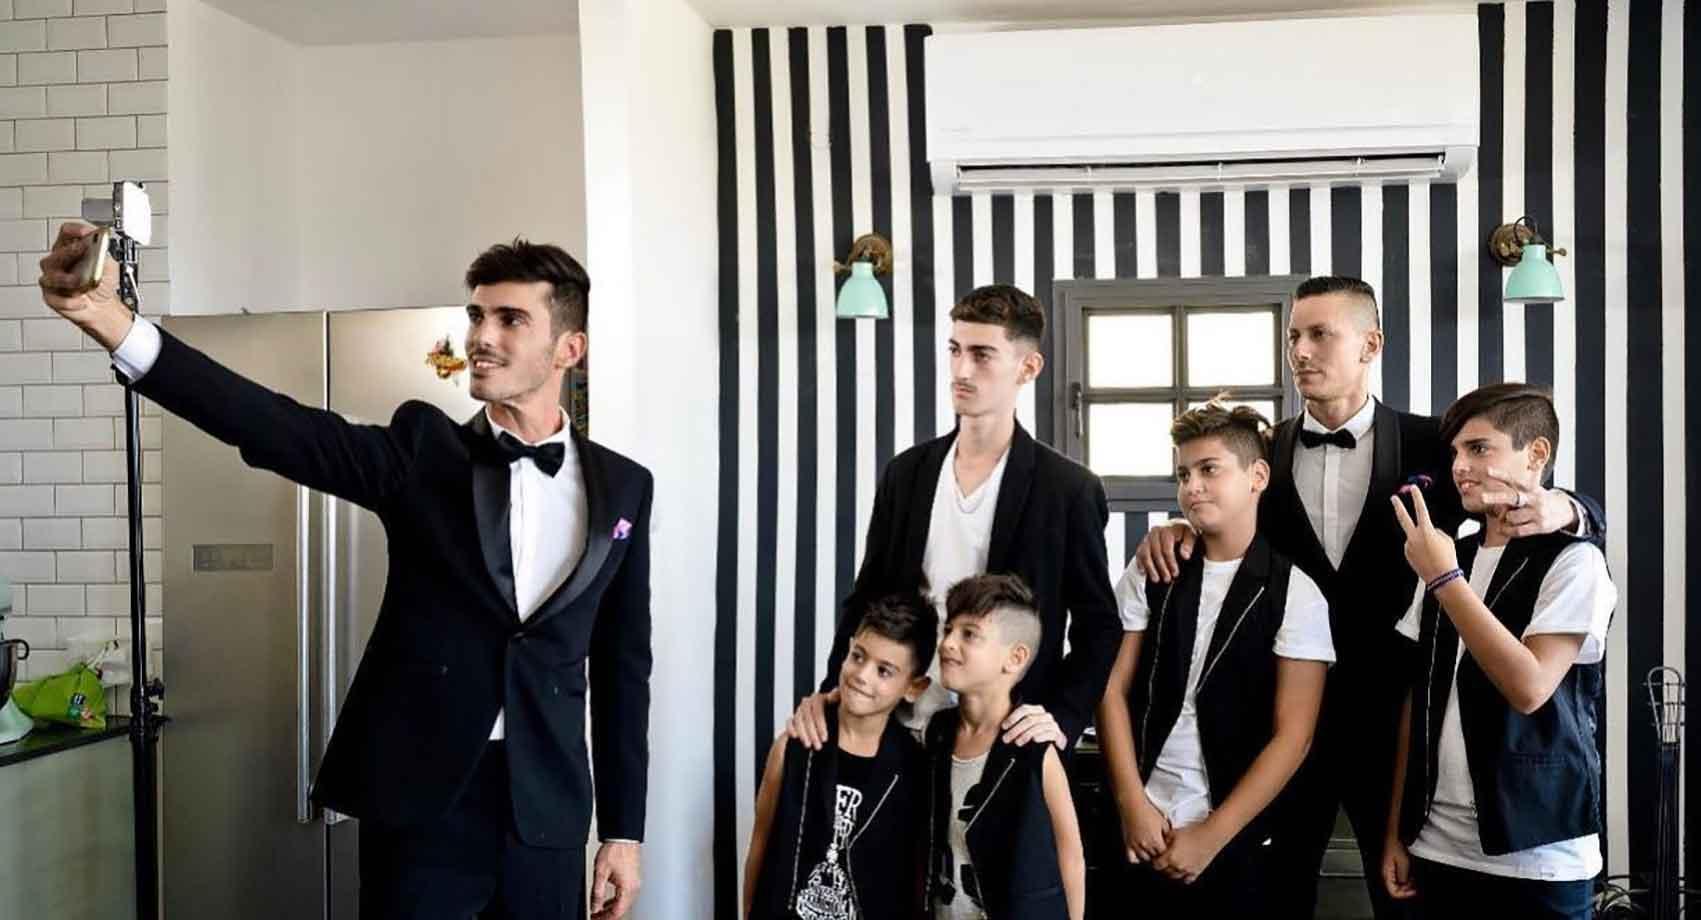 משפחה מודרנית. ערן ויצמן, מאיר אזולאי והילדים